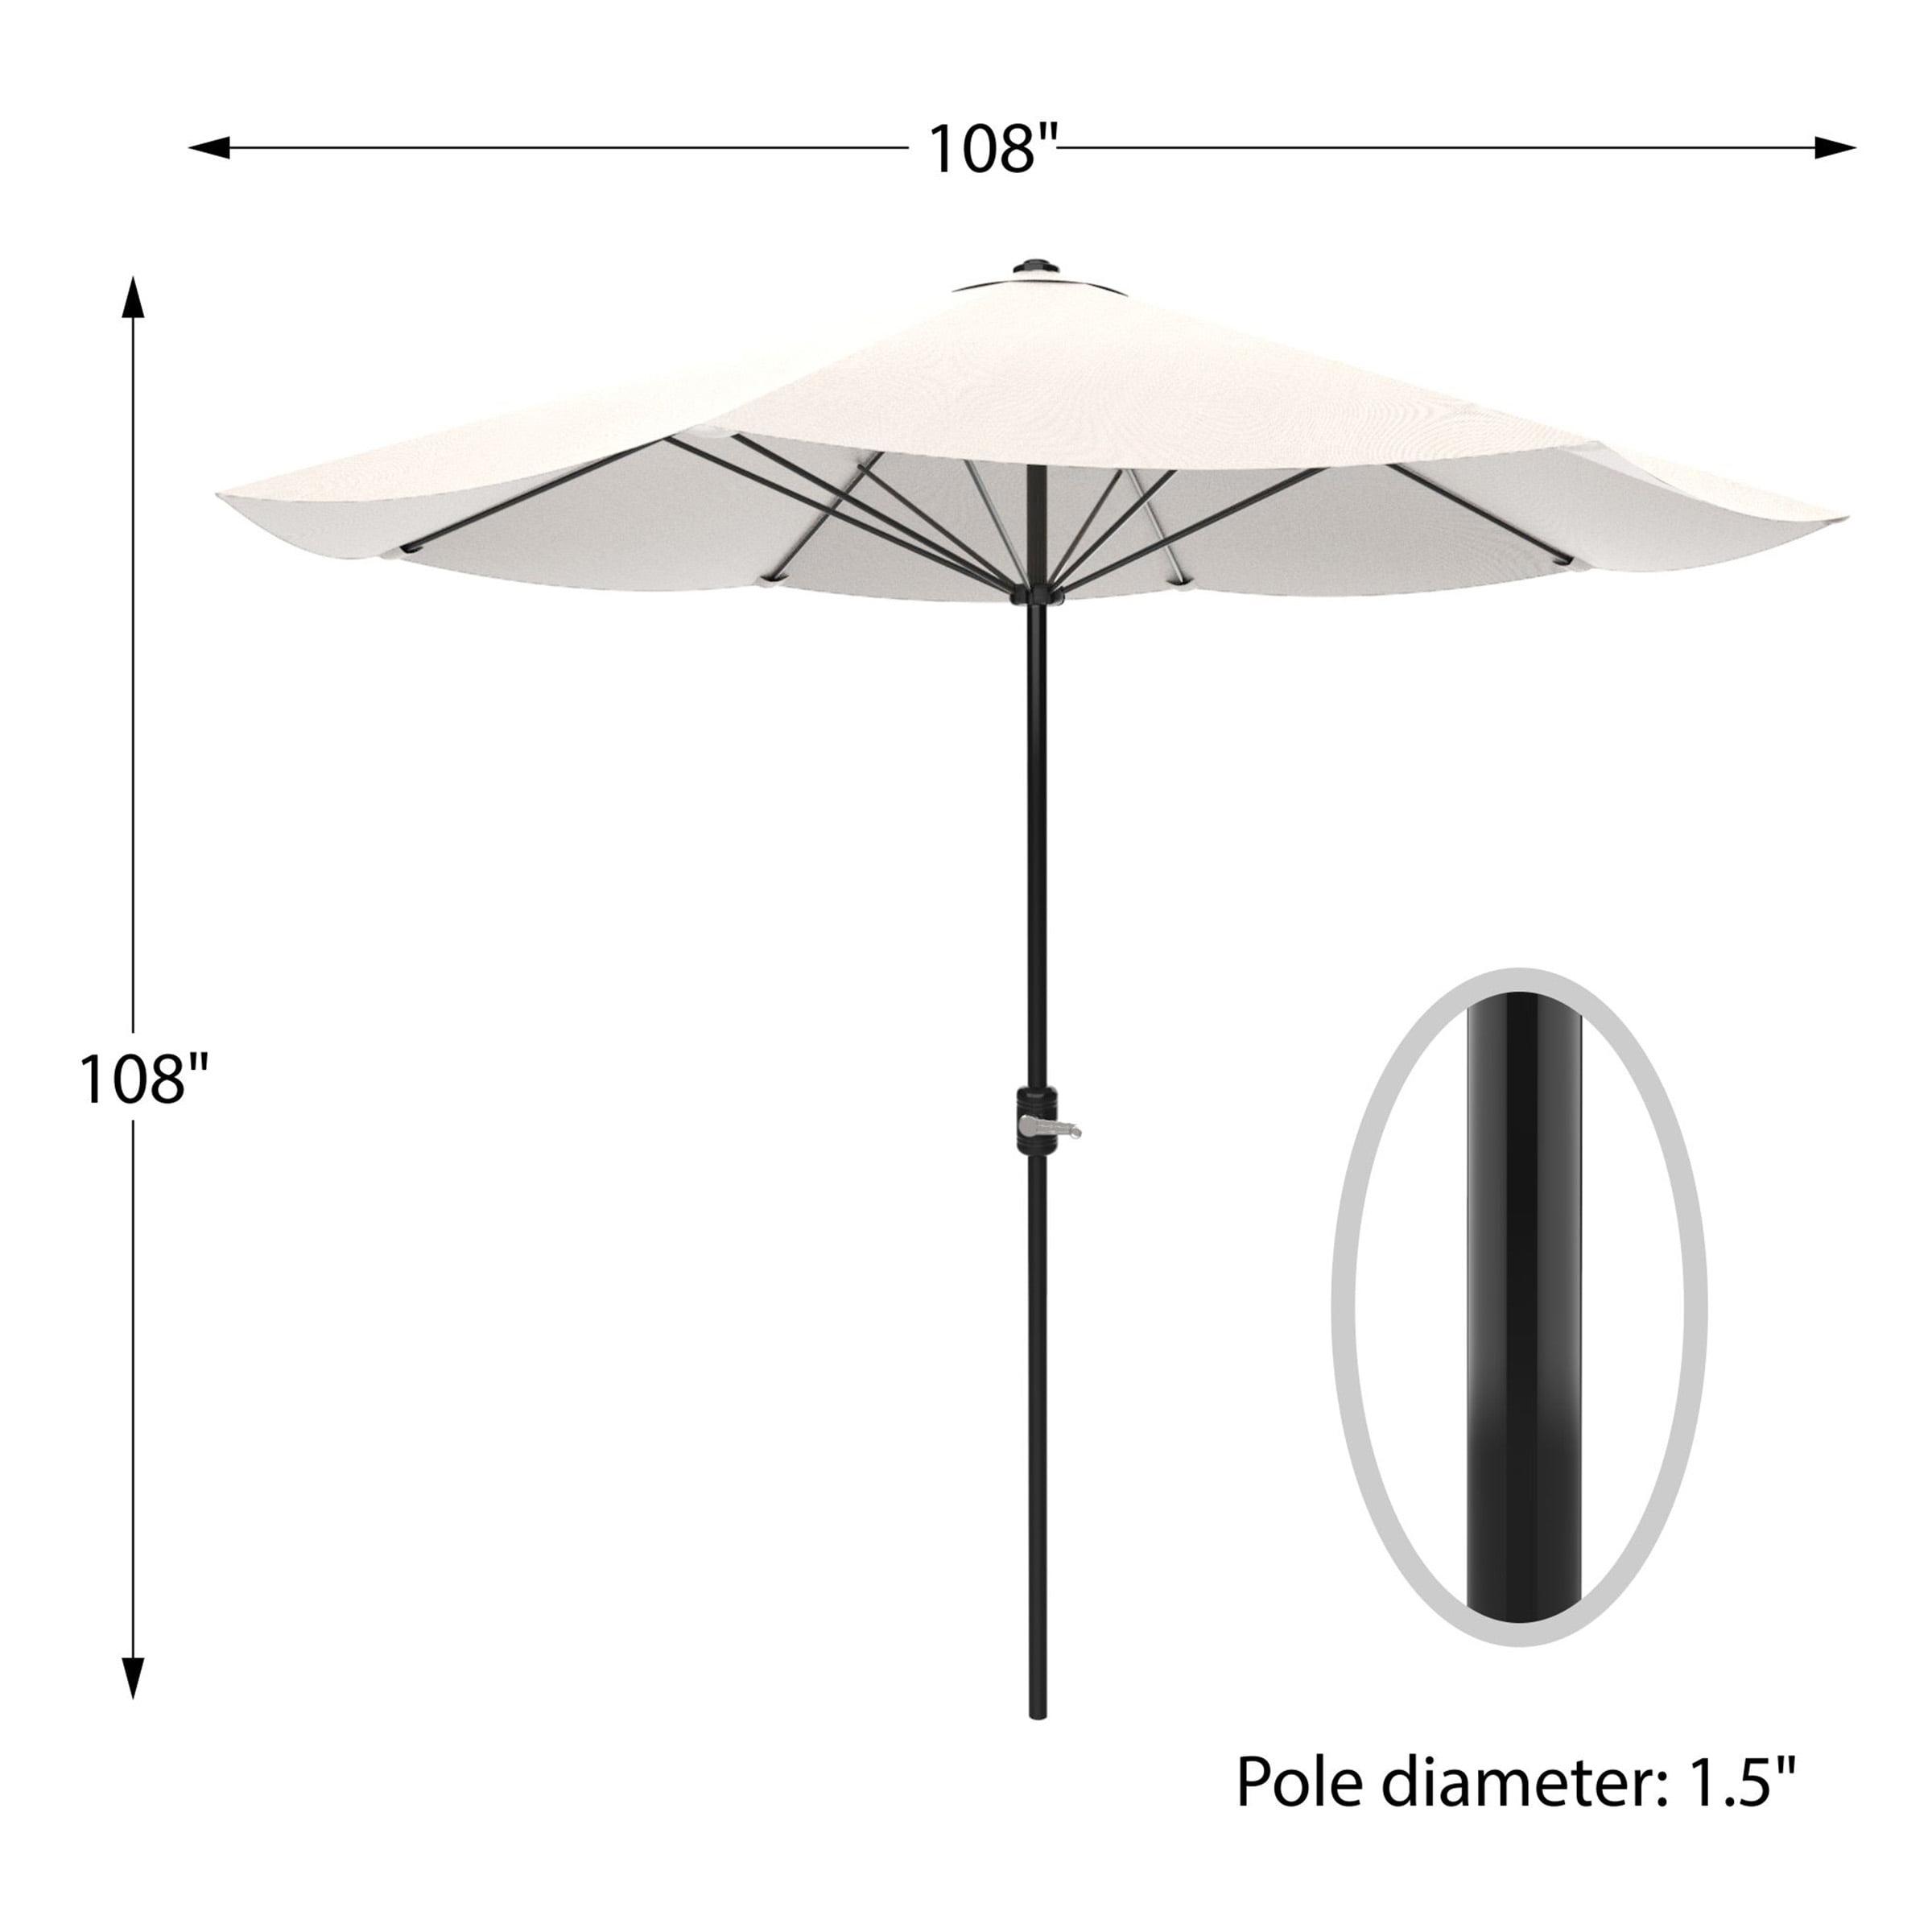 pure garden 9' market easy crank patio umbrella, multiple colors